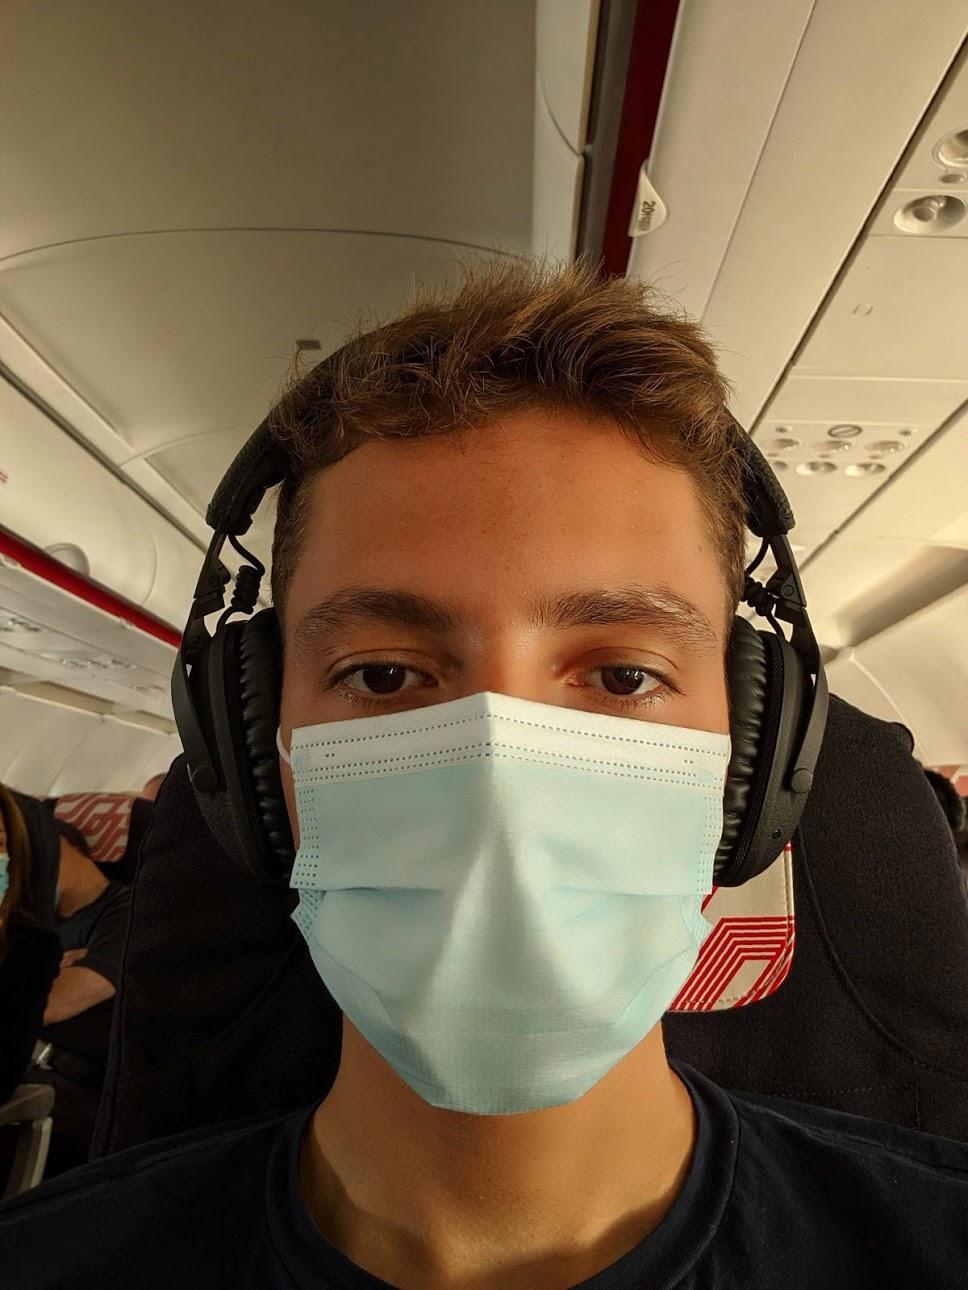 La réduction de bruit active est largement suffisante pour profiter d'un vol au calme